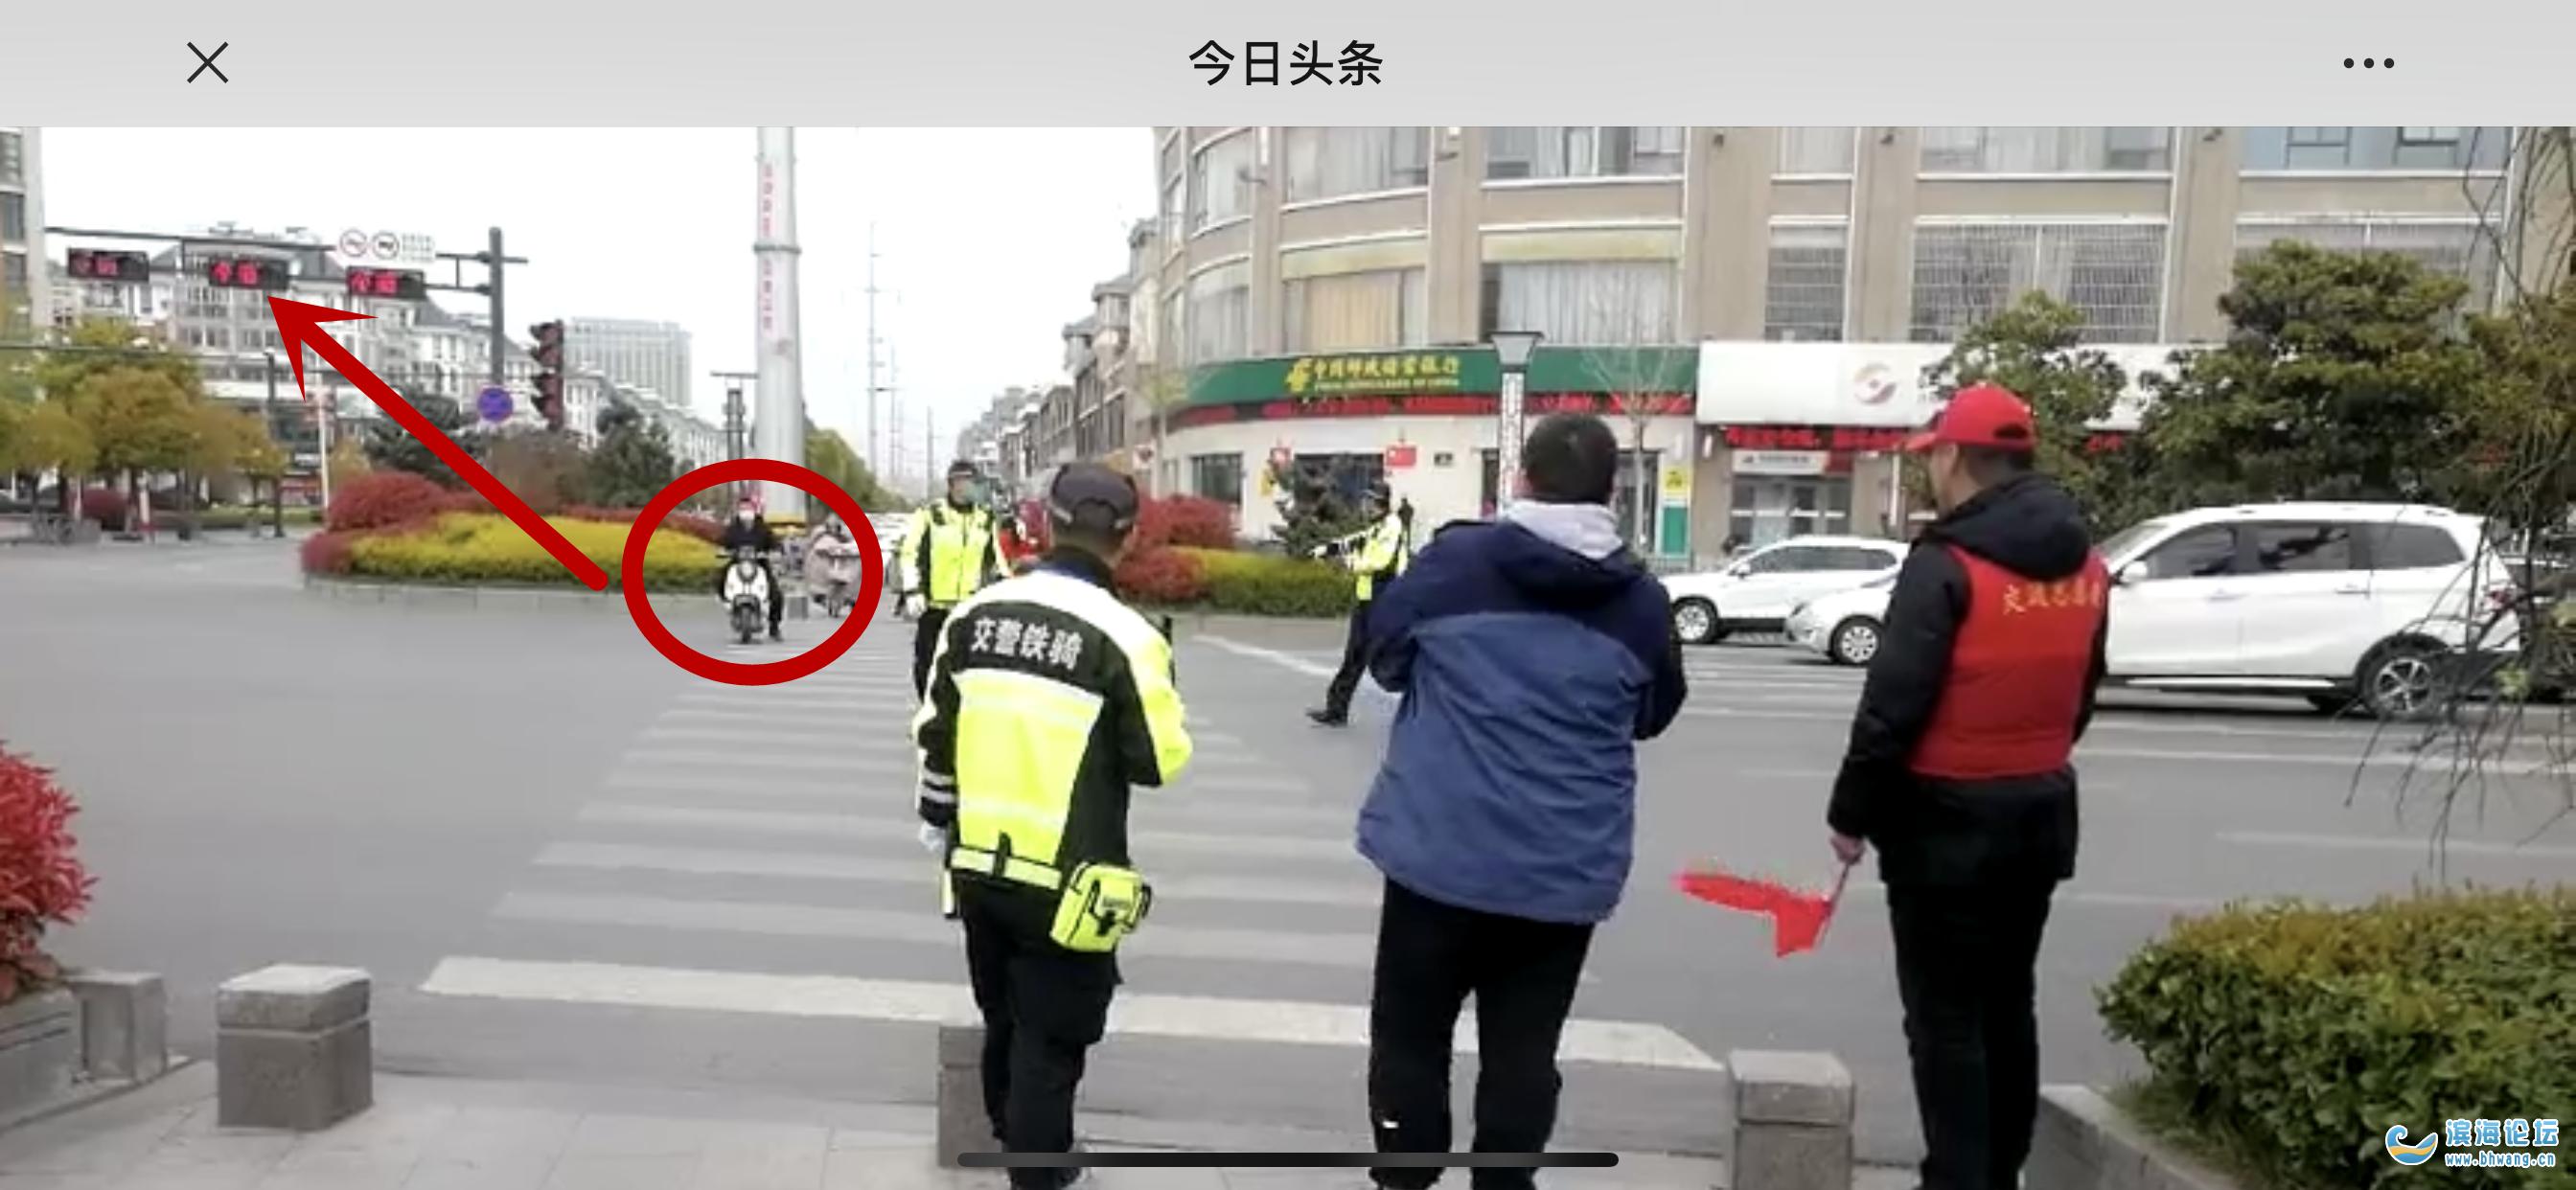 倡導文明出行,爭創文明城市 ——三分鐘速看濱海交警執法直播?。ǖ诙冢? />倡導文明出行,爭創</a></li><li><a href=